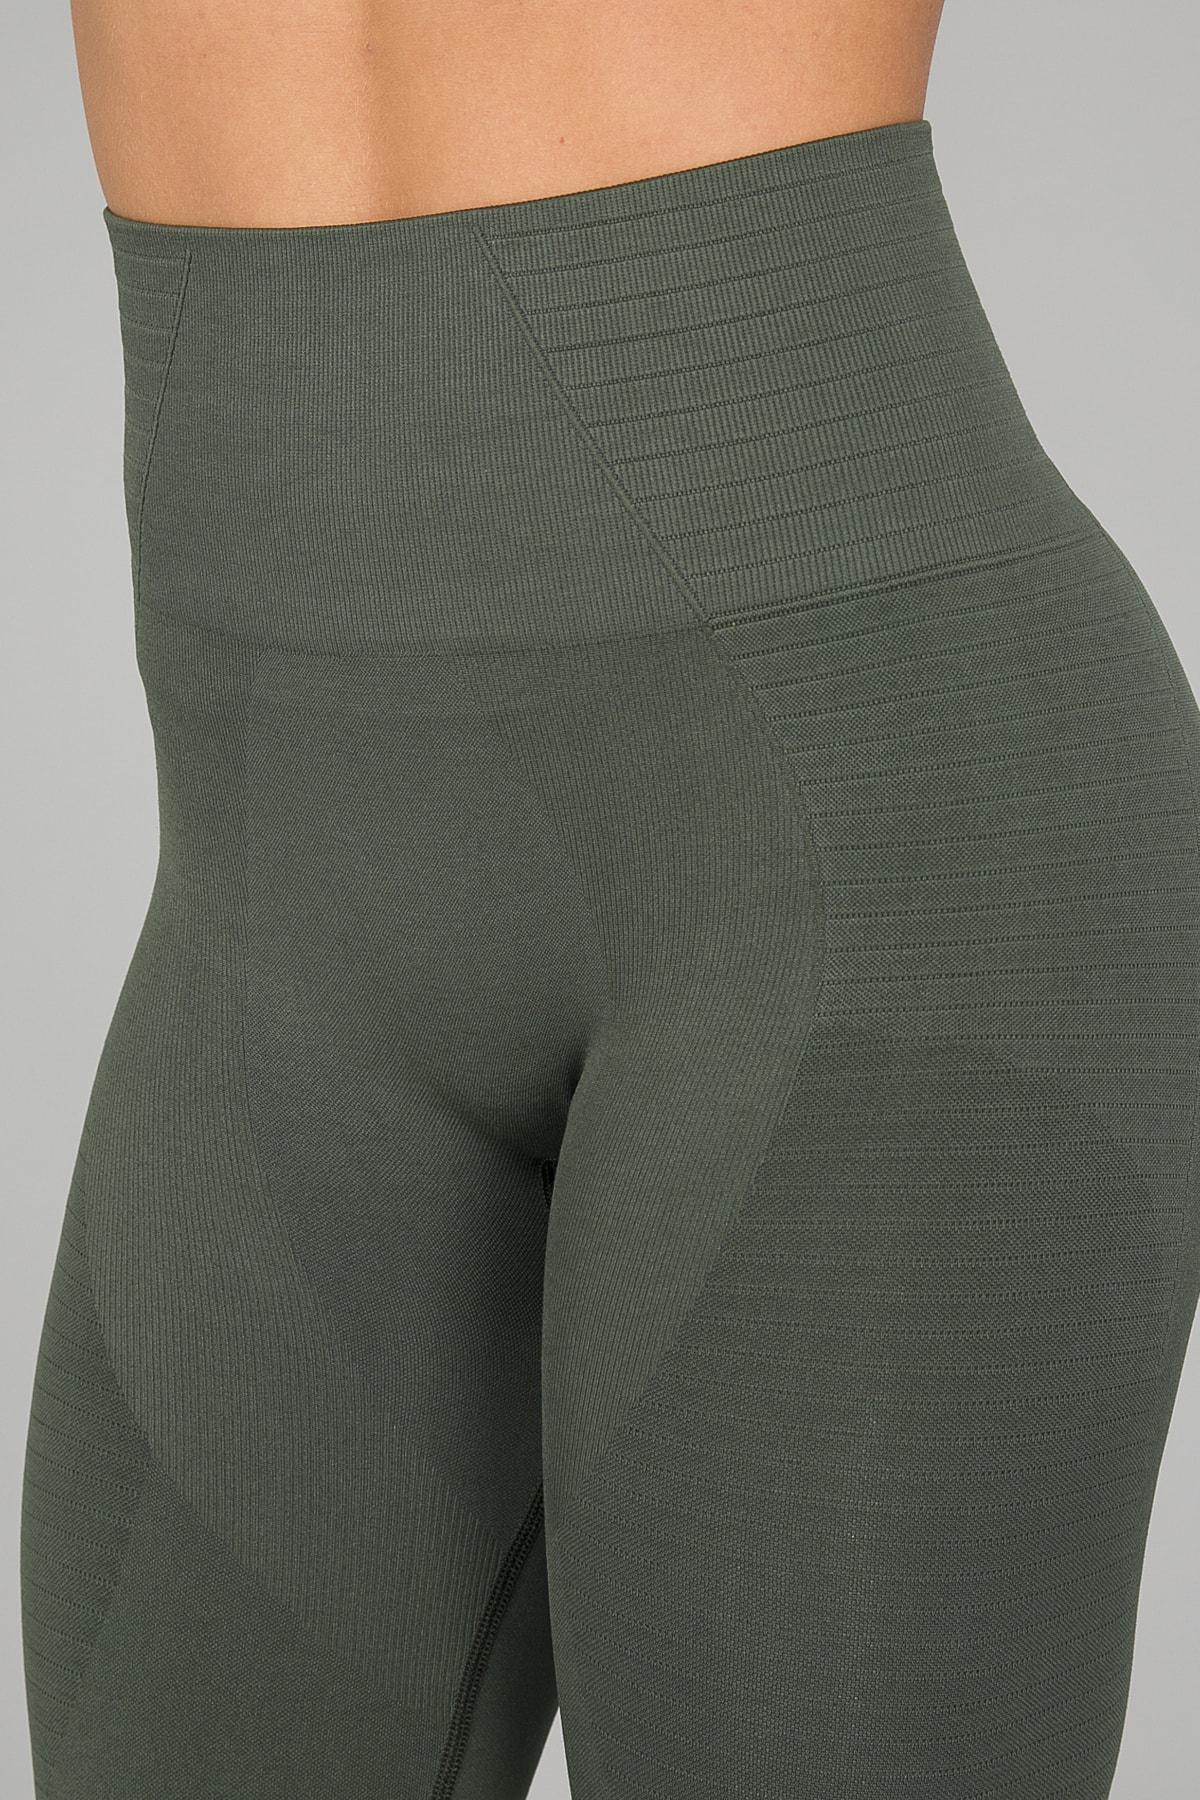 Jerf Gela 2.0 tights dark green11